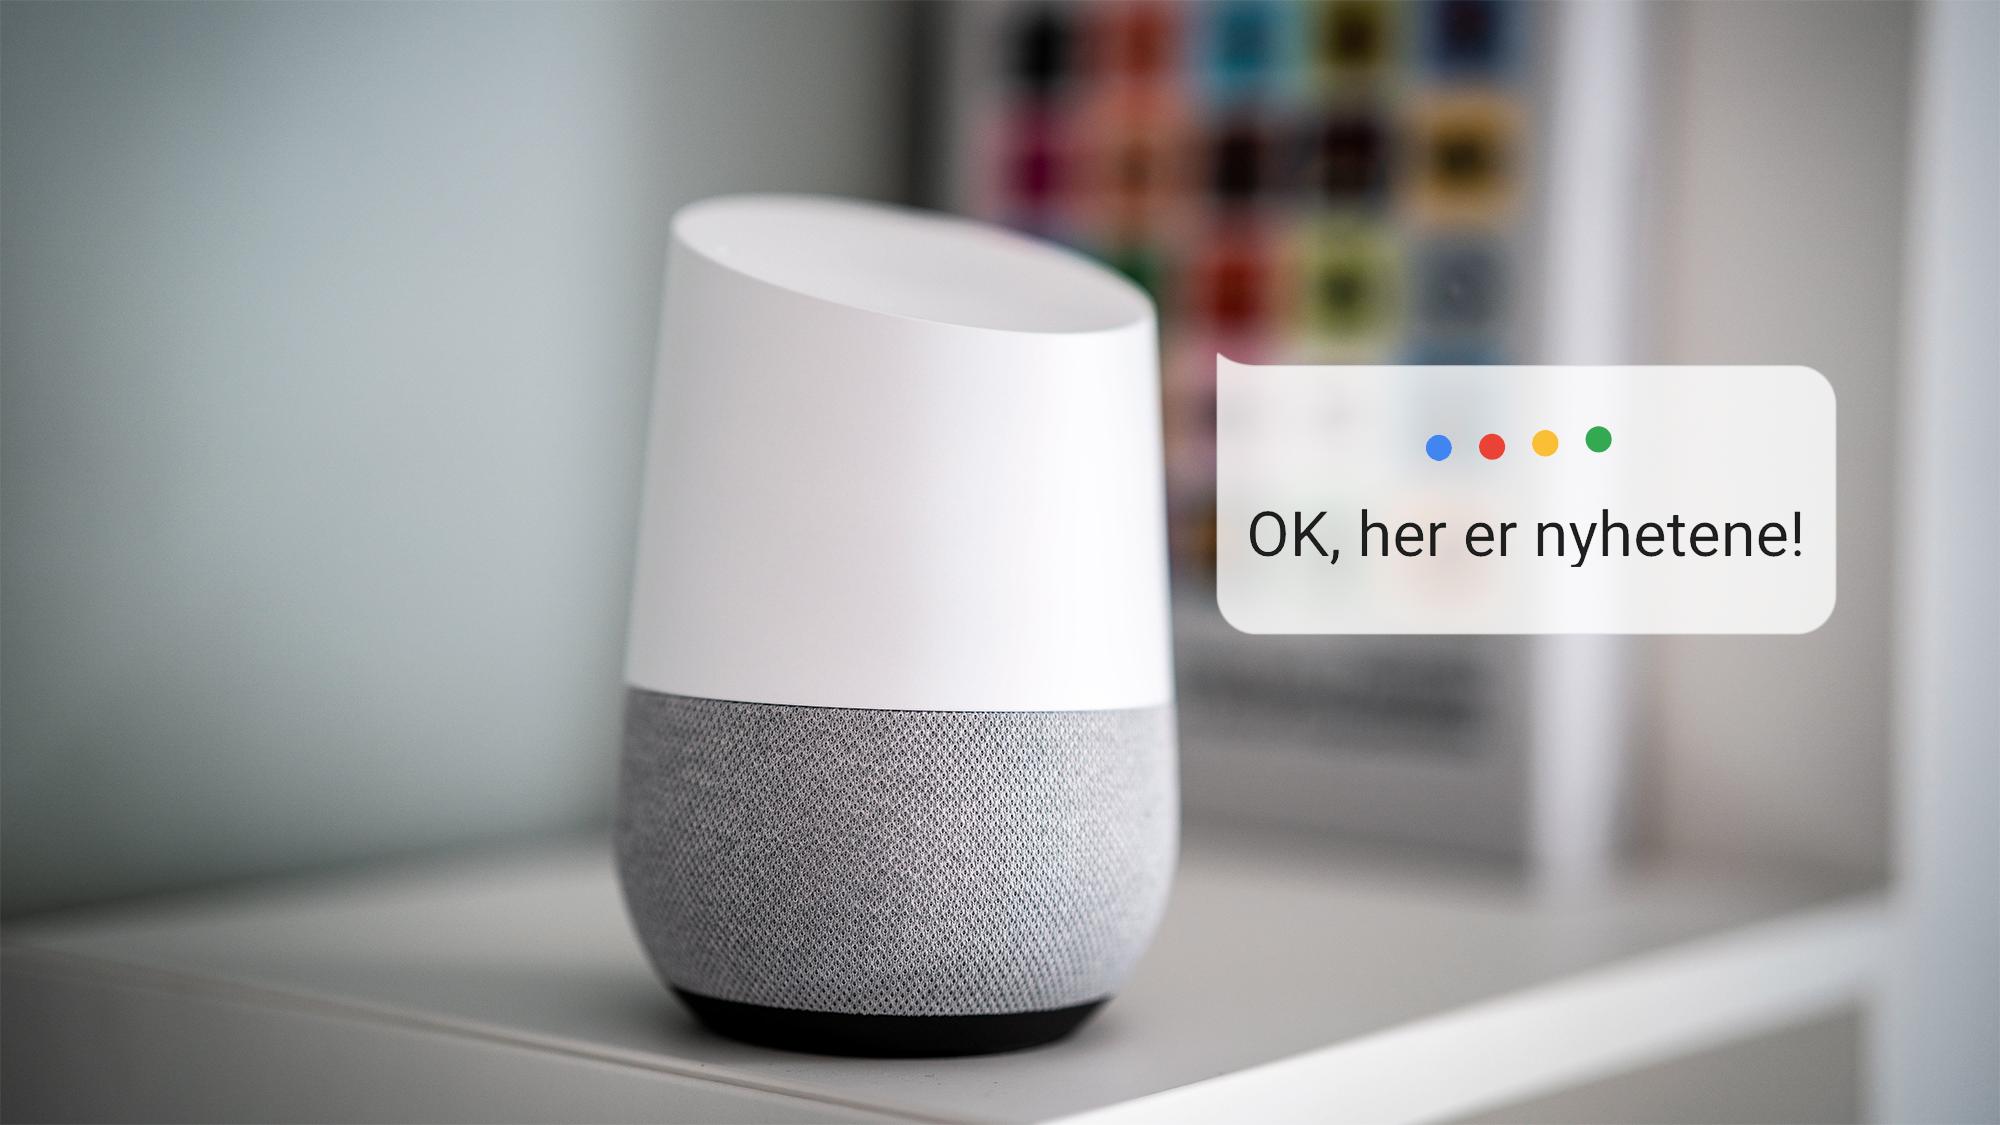 Nyheter på Google Home